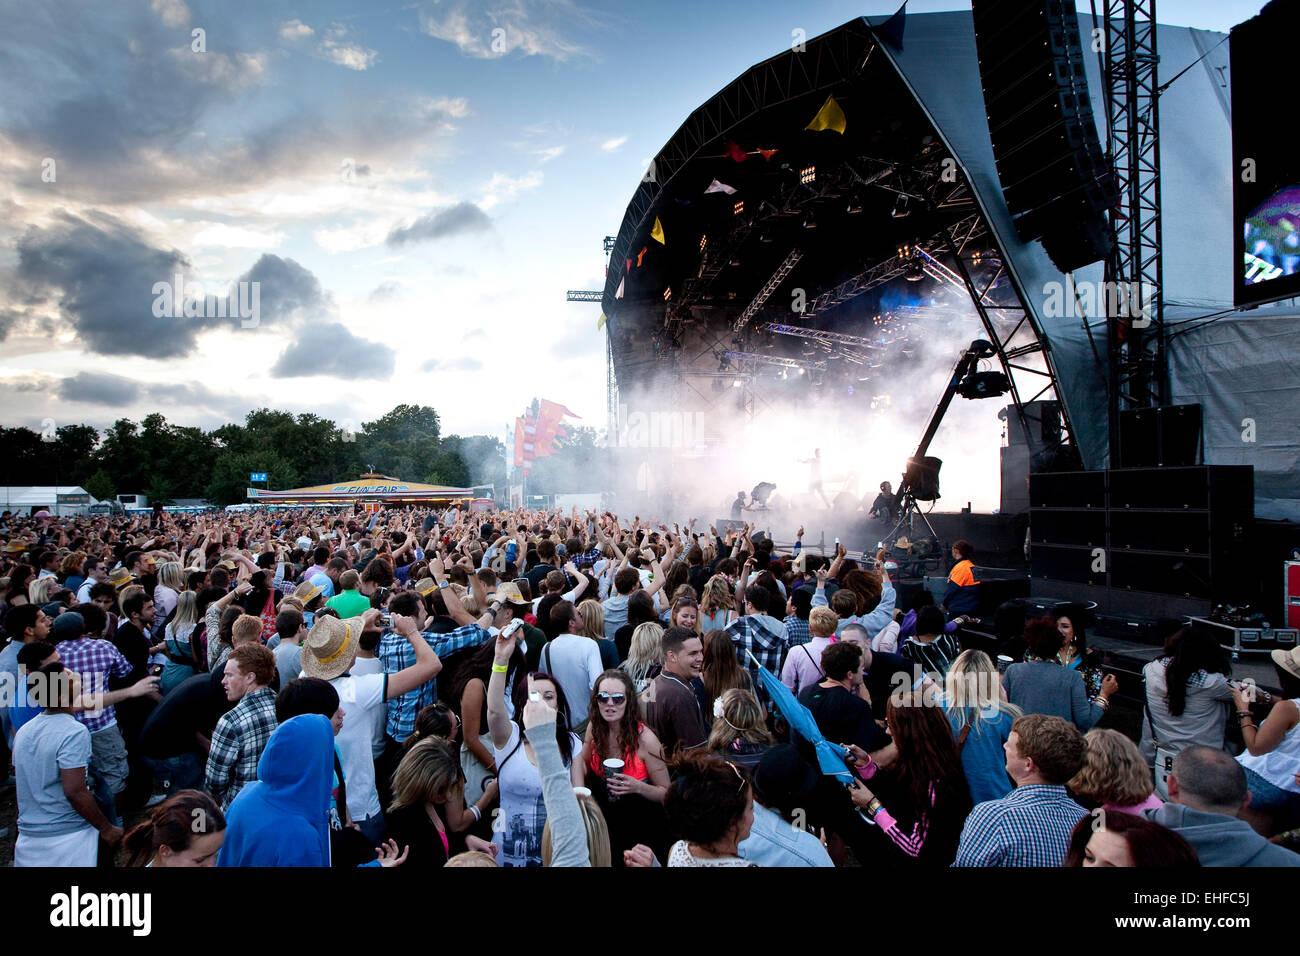 Vasta folla colpo di Lovebox festival festival in Victoria Park London Luglio 2010. Immagini Stock